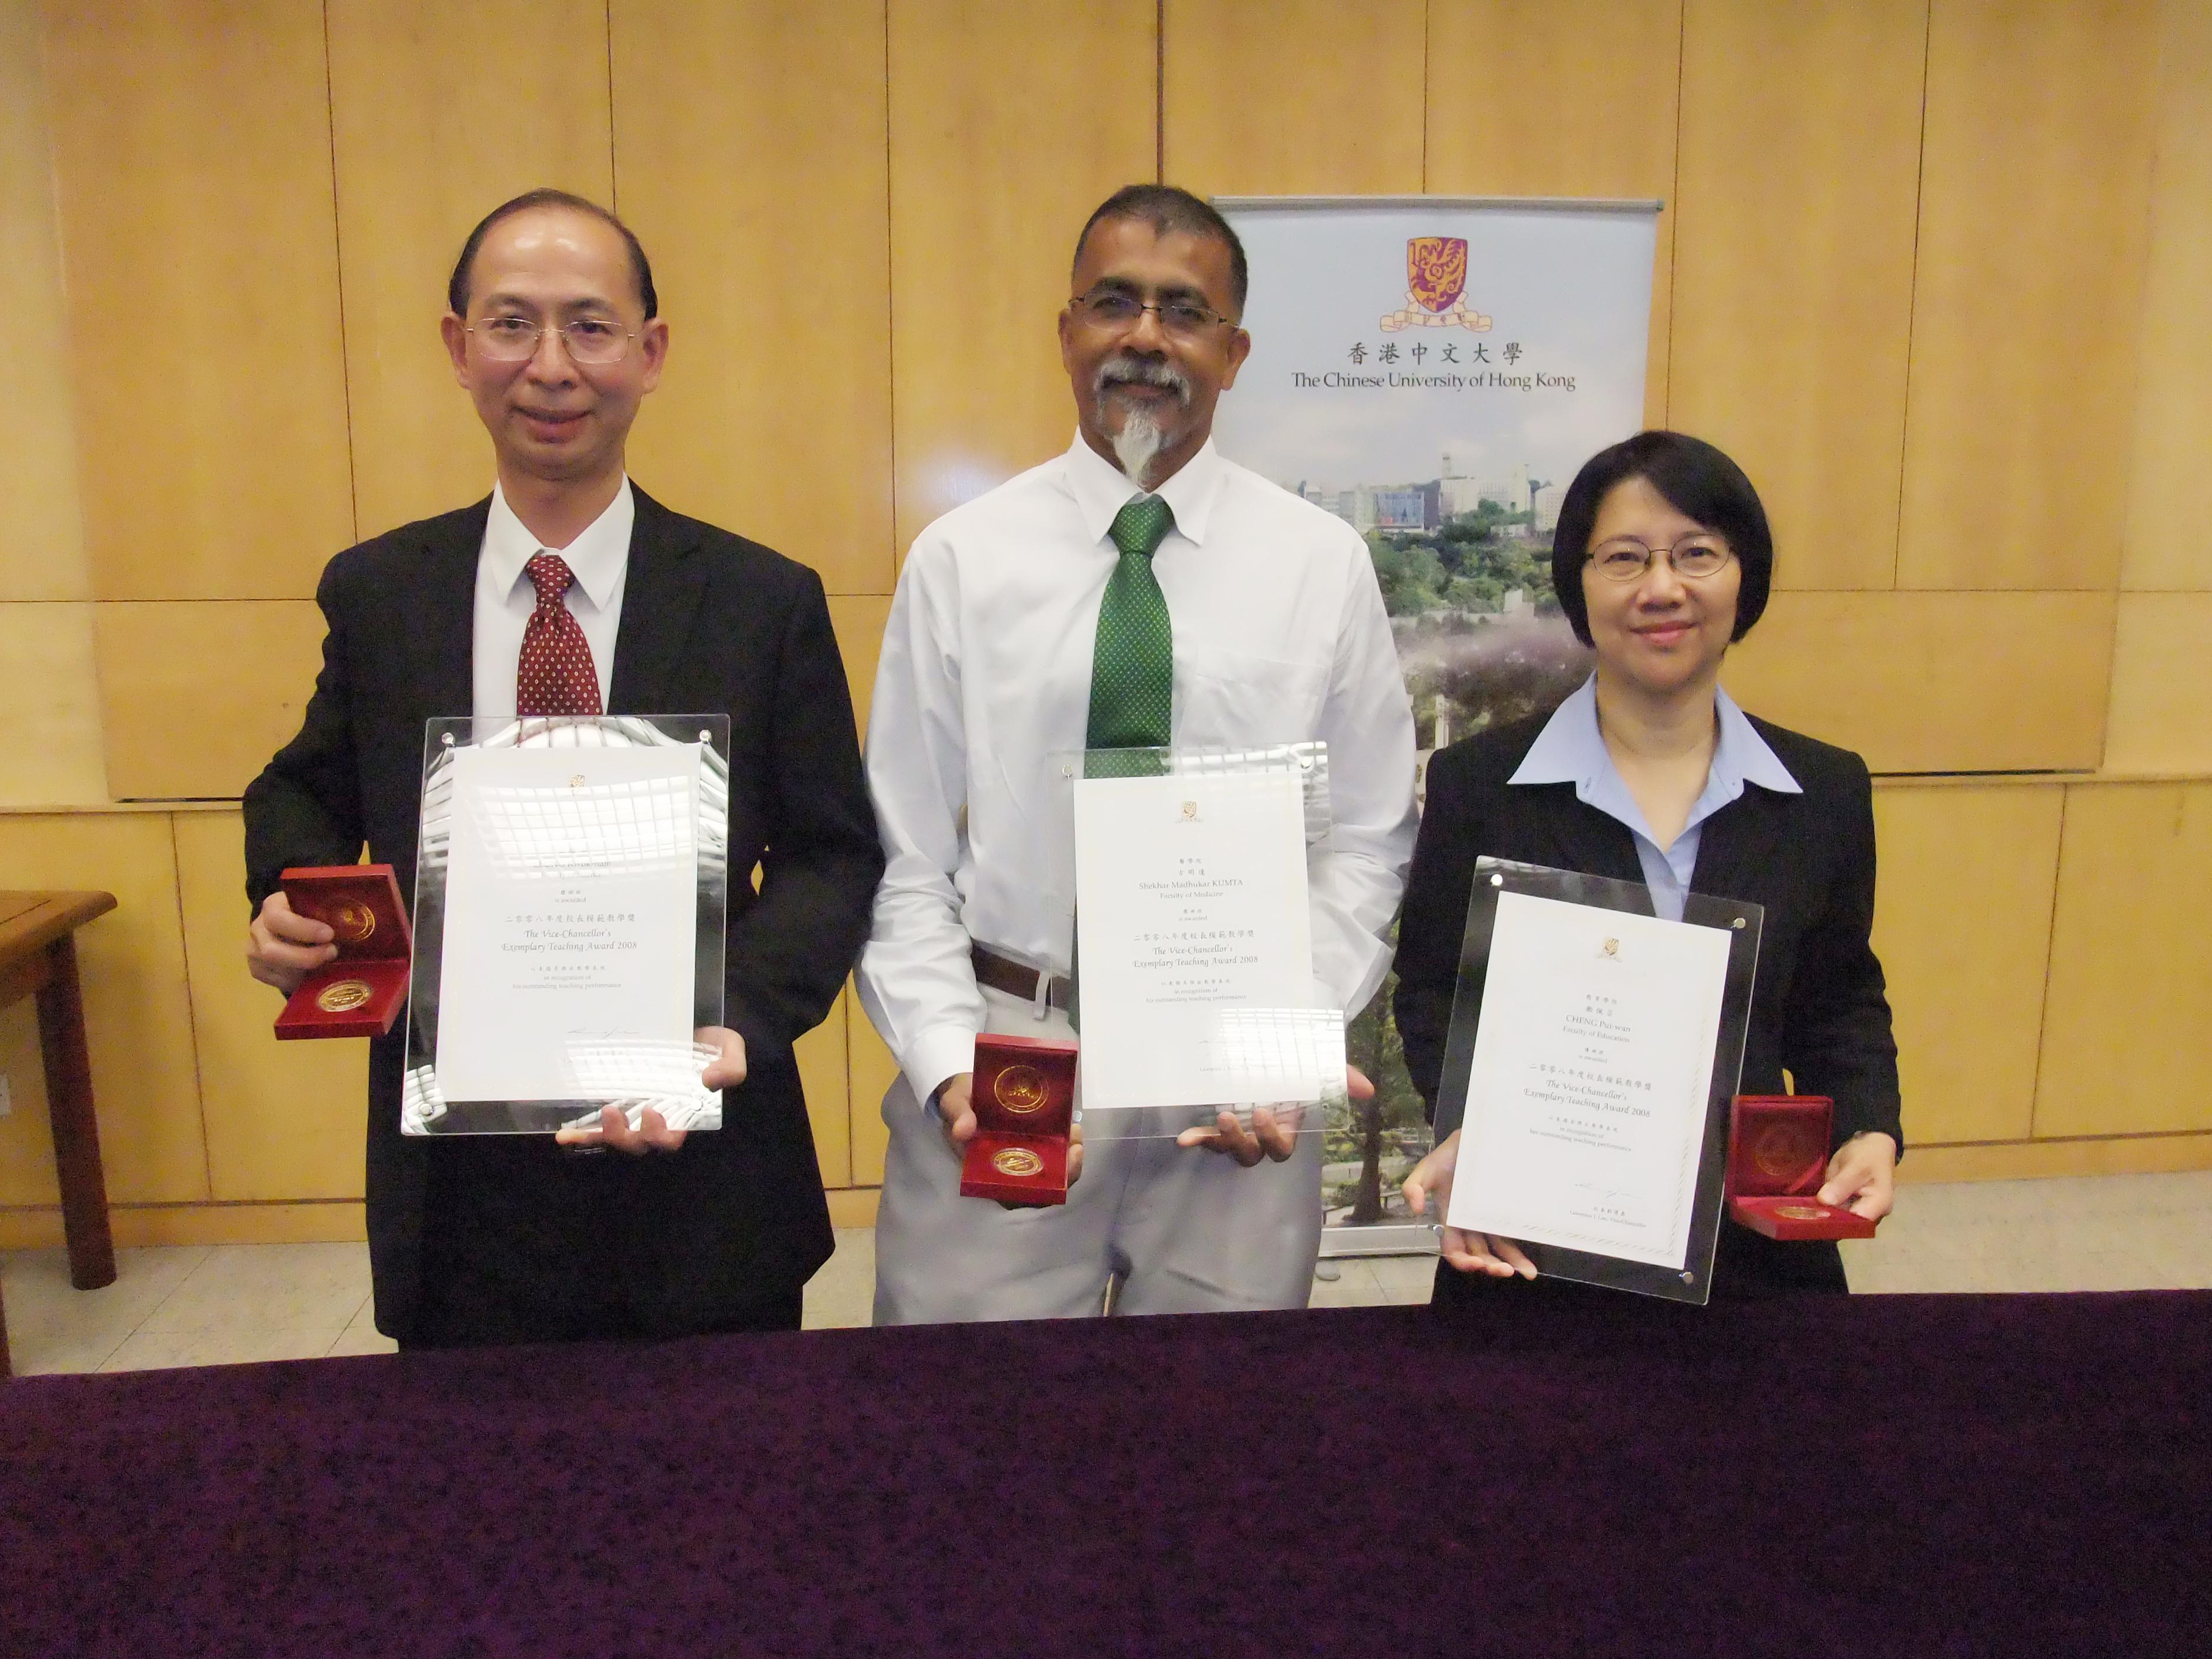 (From left) Prof. Leung Kwok-nam, Prof. Shekhar Madhukar Kumta and Prof. Cheng Pui-wan